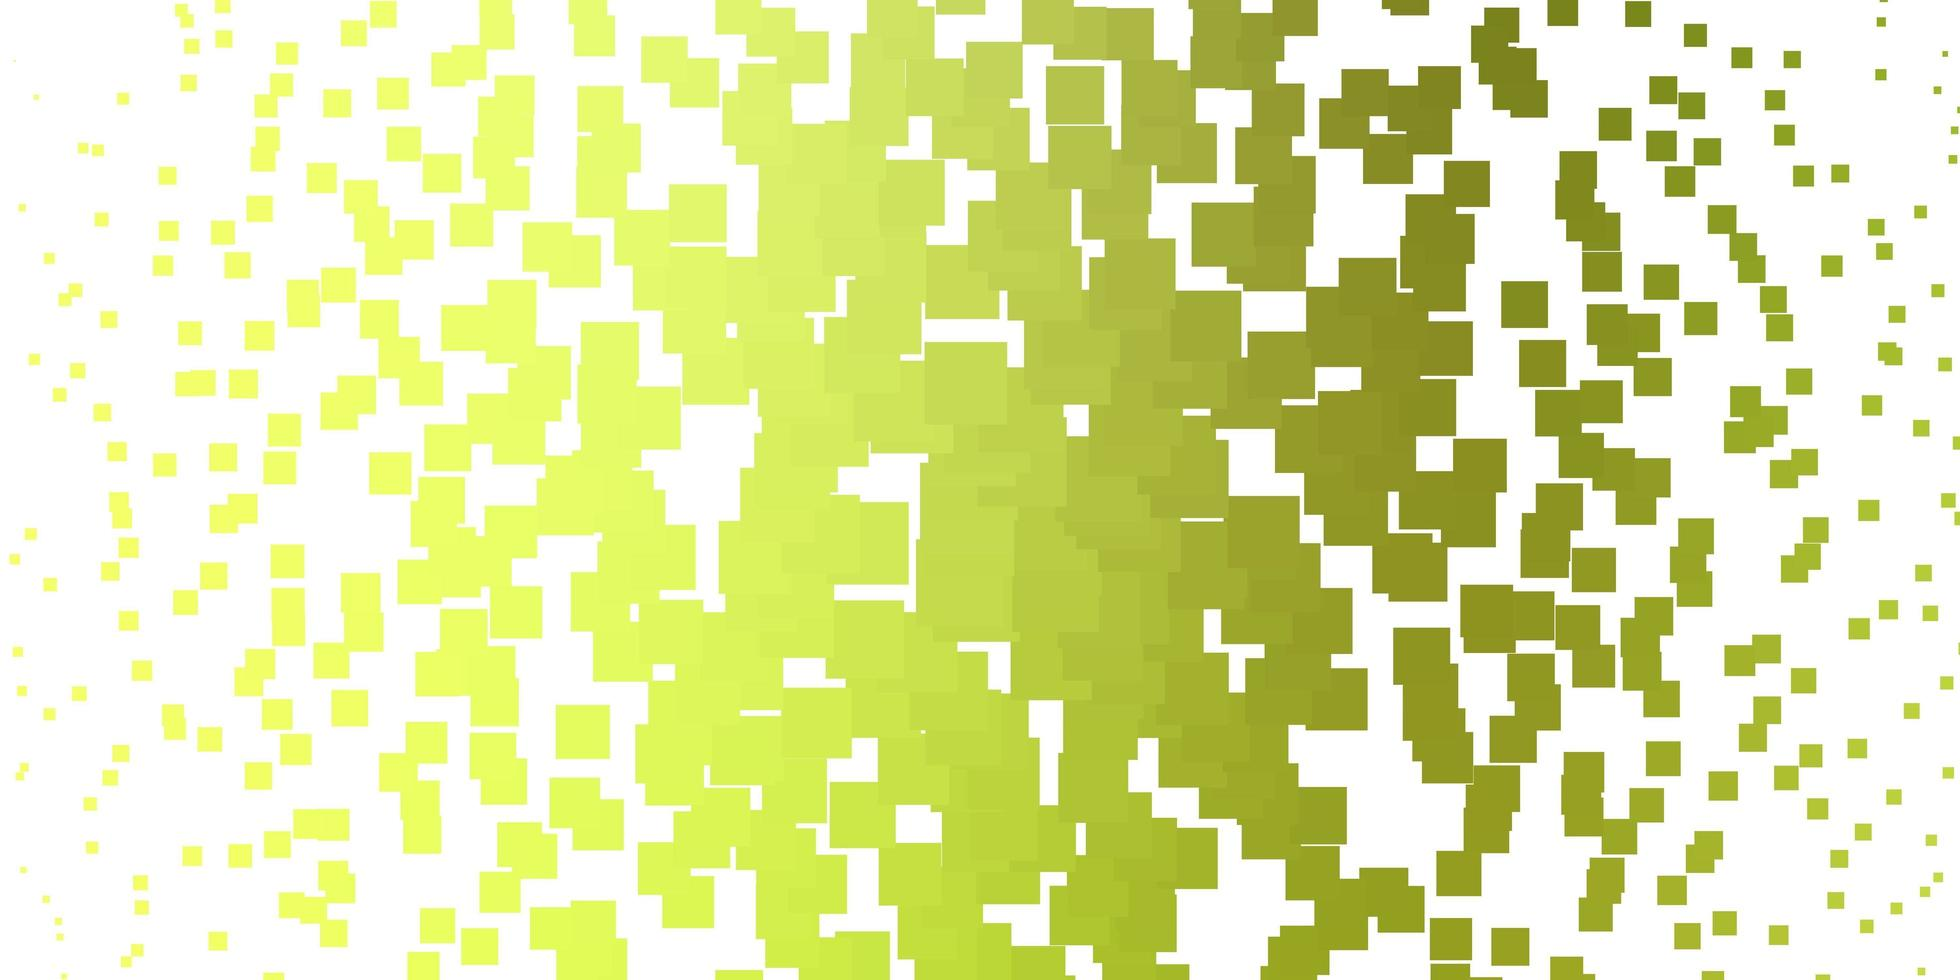 ljusgrön, gul vektorlayout med linjer, rektanglar. vektor